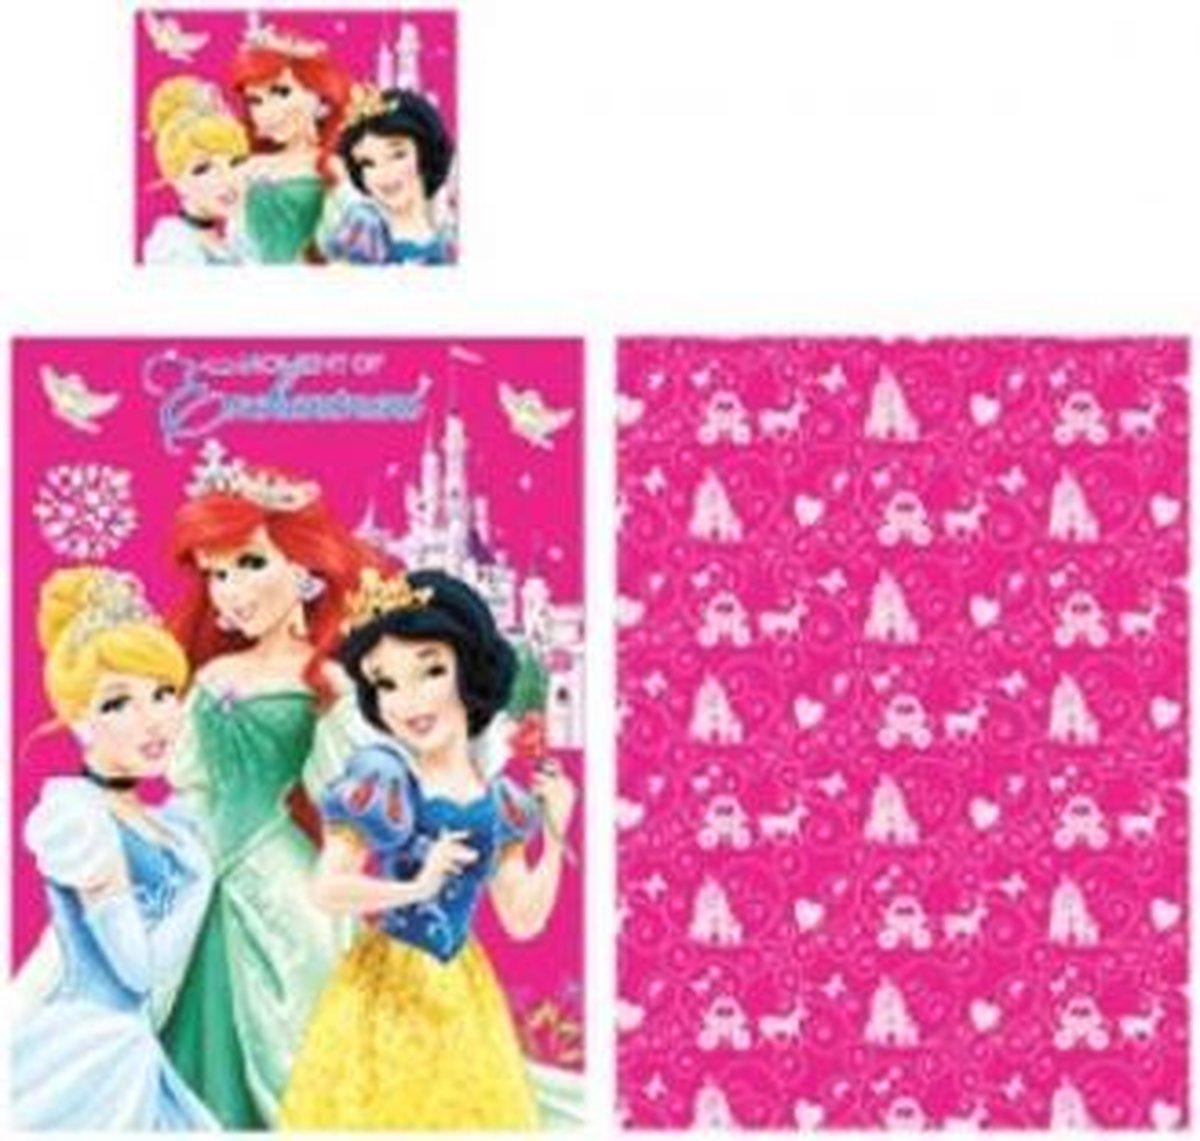 Disney Princess dekbedovertrek - 1-persoons - 140x200 cm kopen